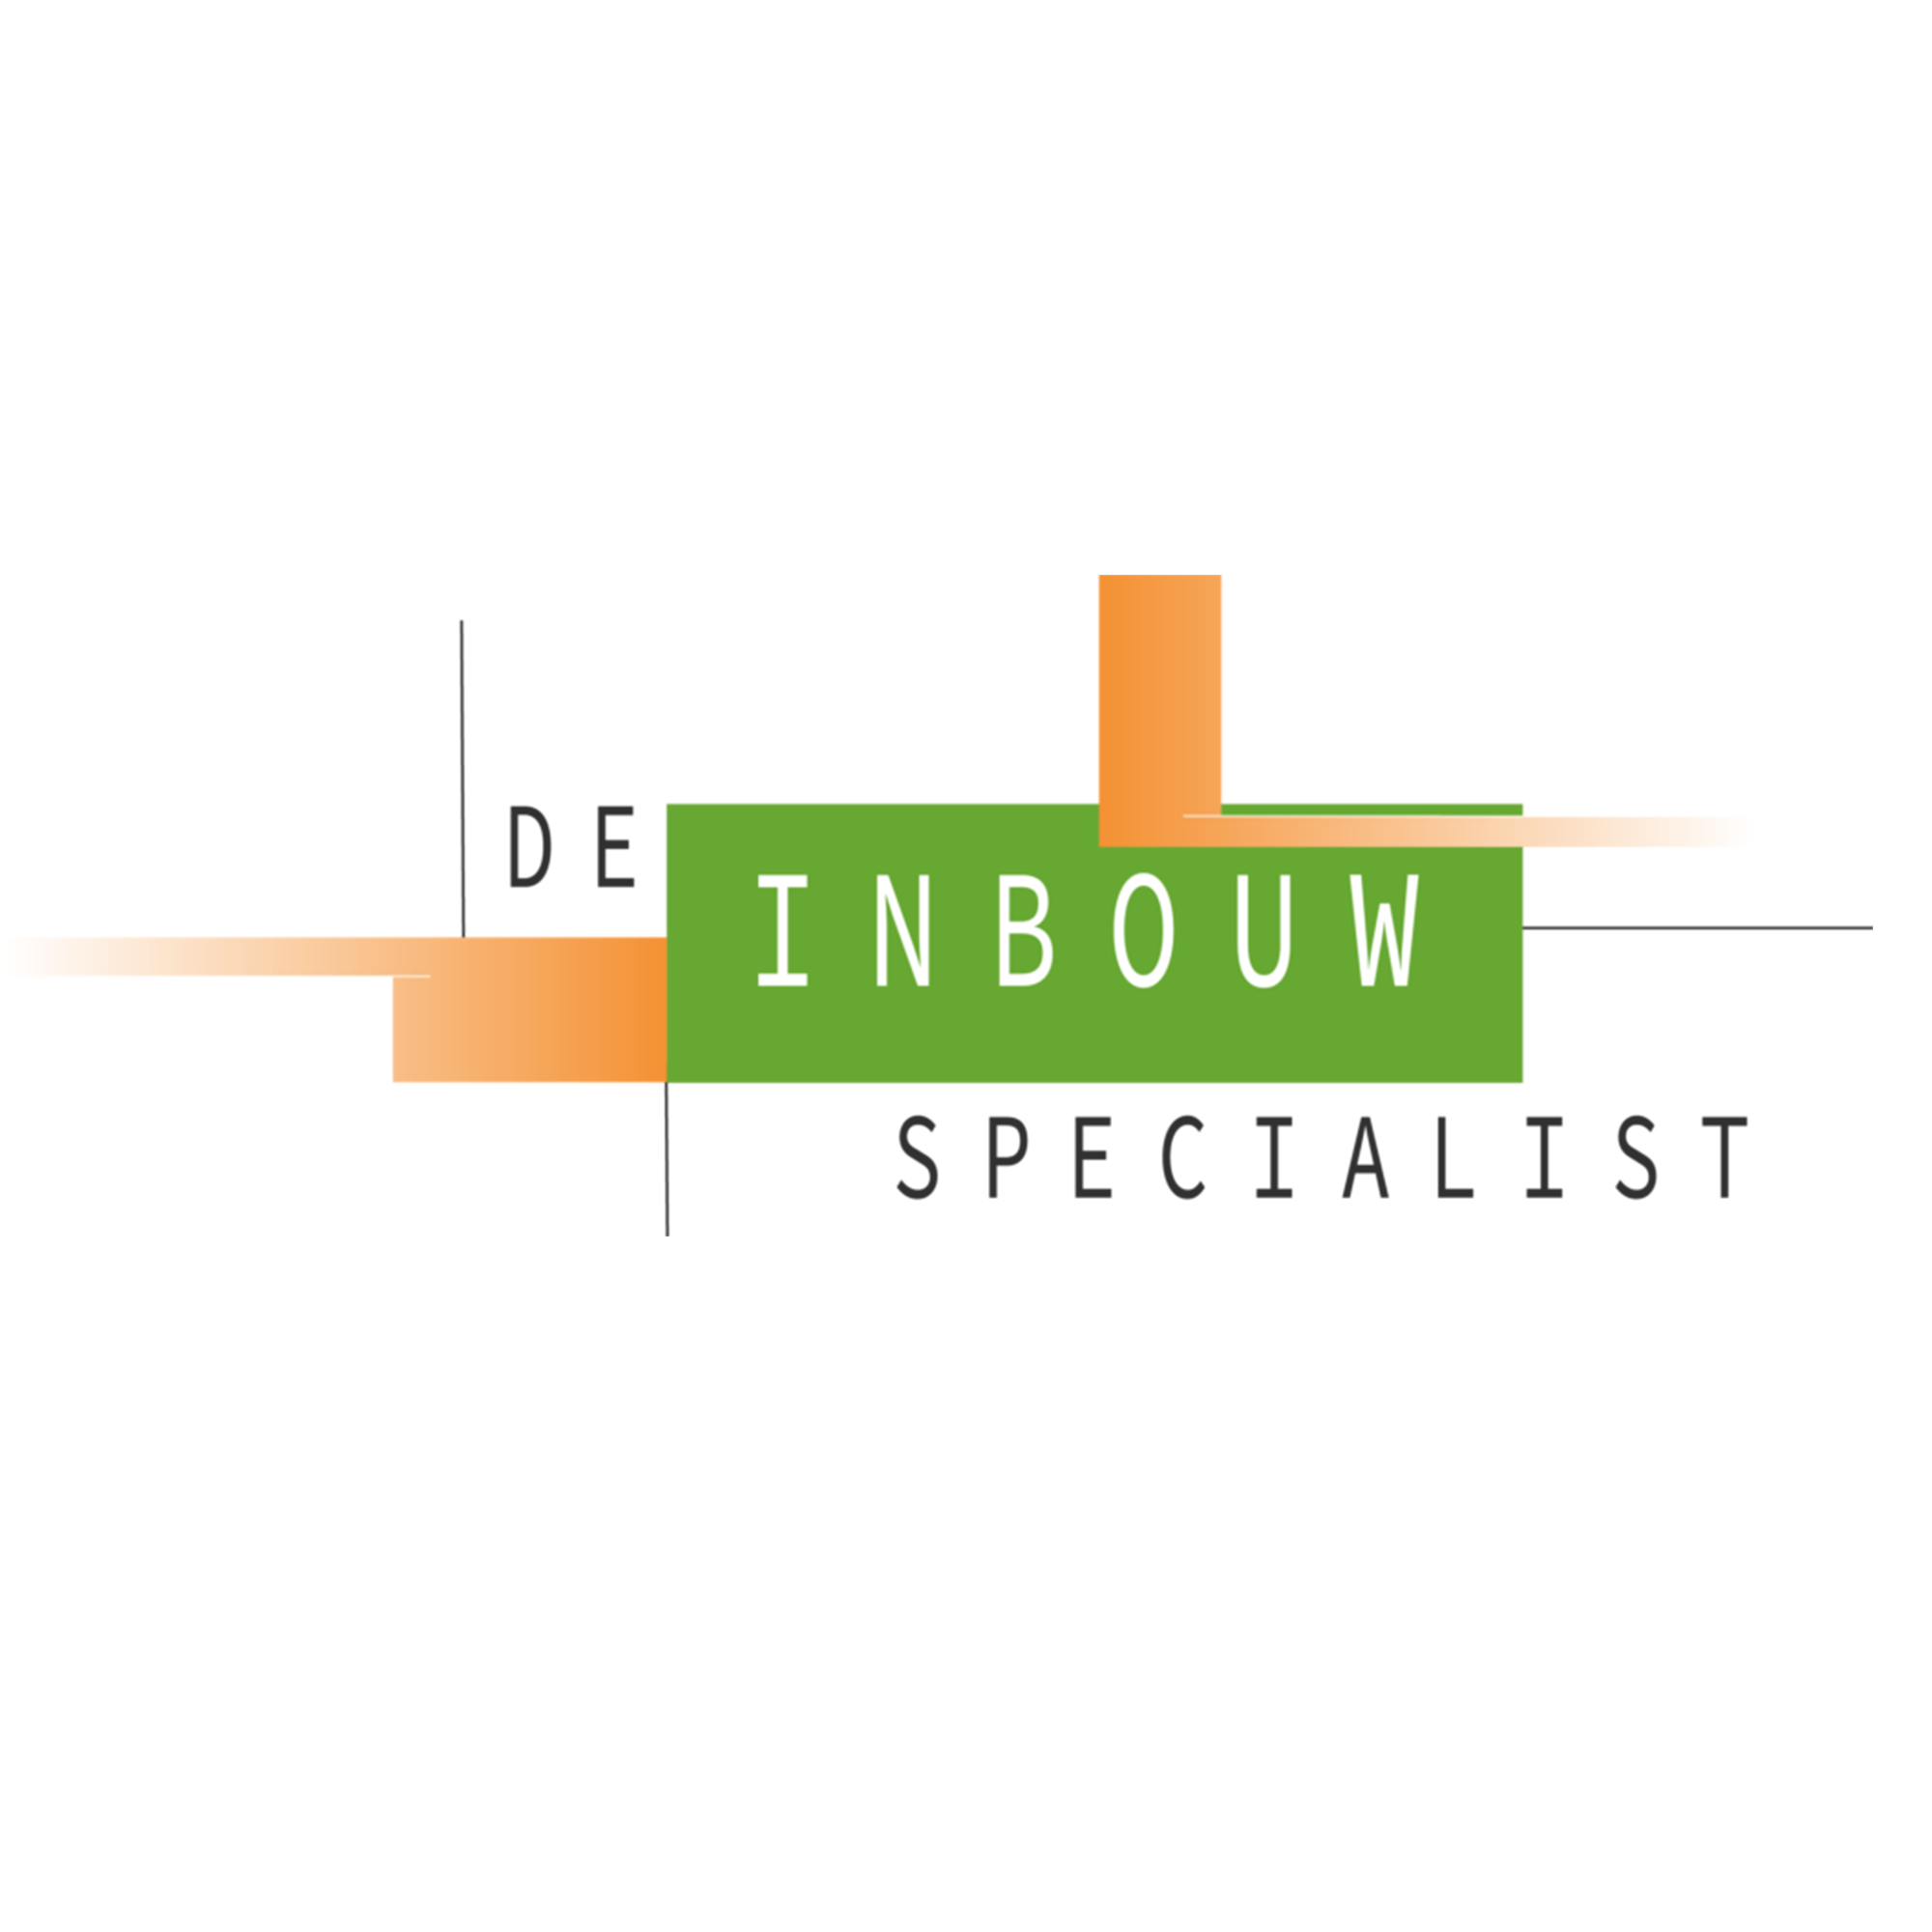 logo-Mockup-made-marketing-portfolio-inbouw-specialist